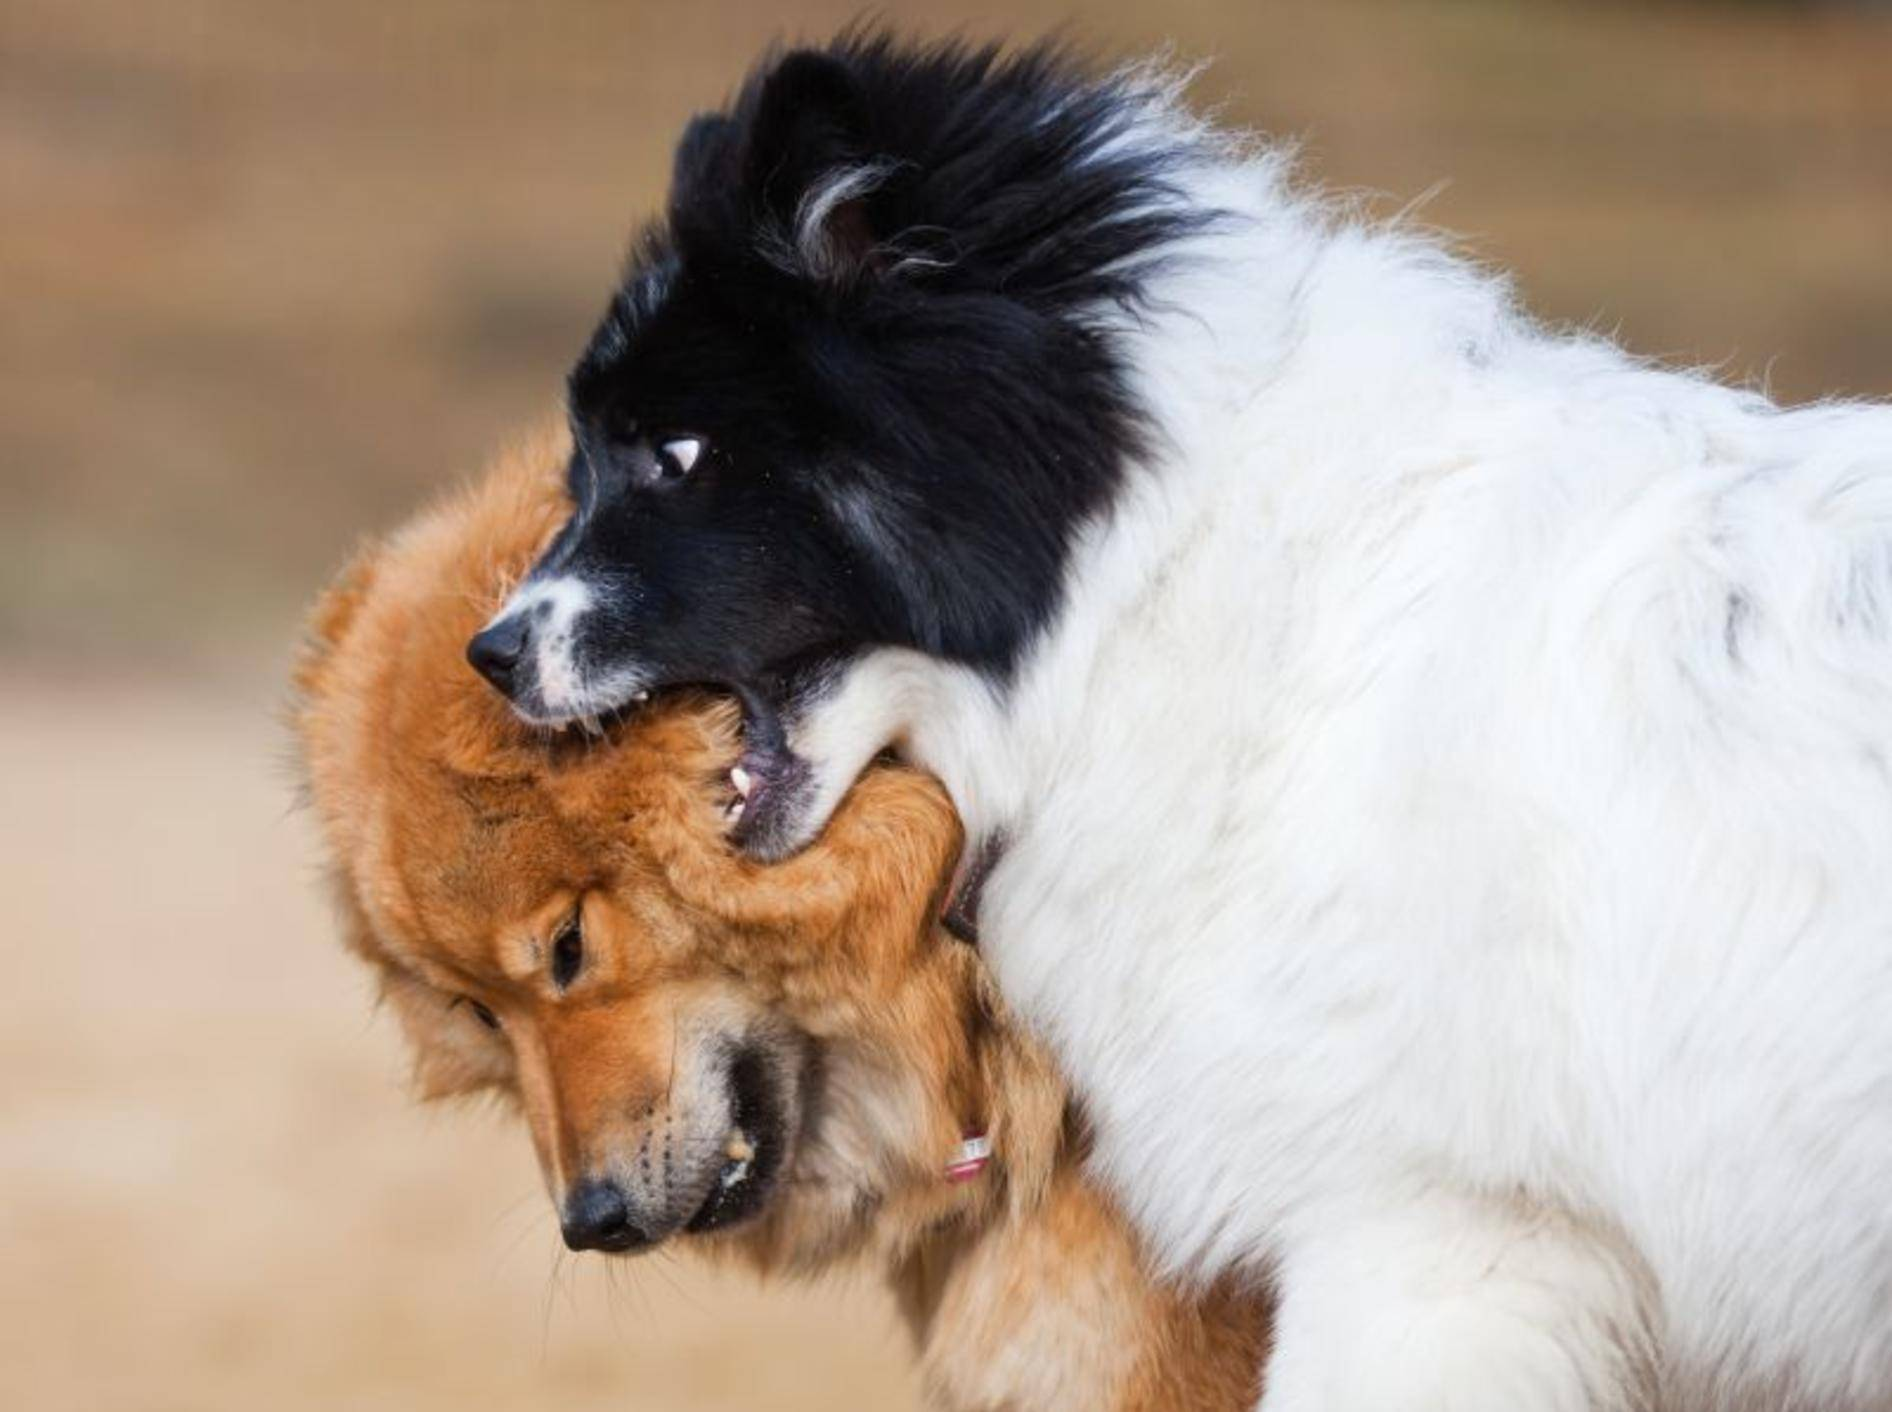 Vorsicht: Kämpfe aus Eifersucht sind bei Hunden ernster als welche um den Rang – Bild: Shutterstock / Christian Mueller